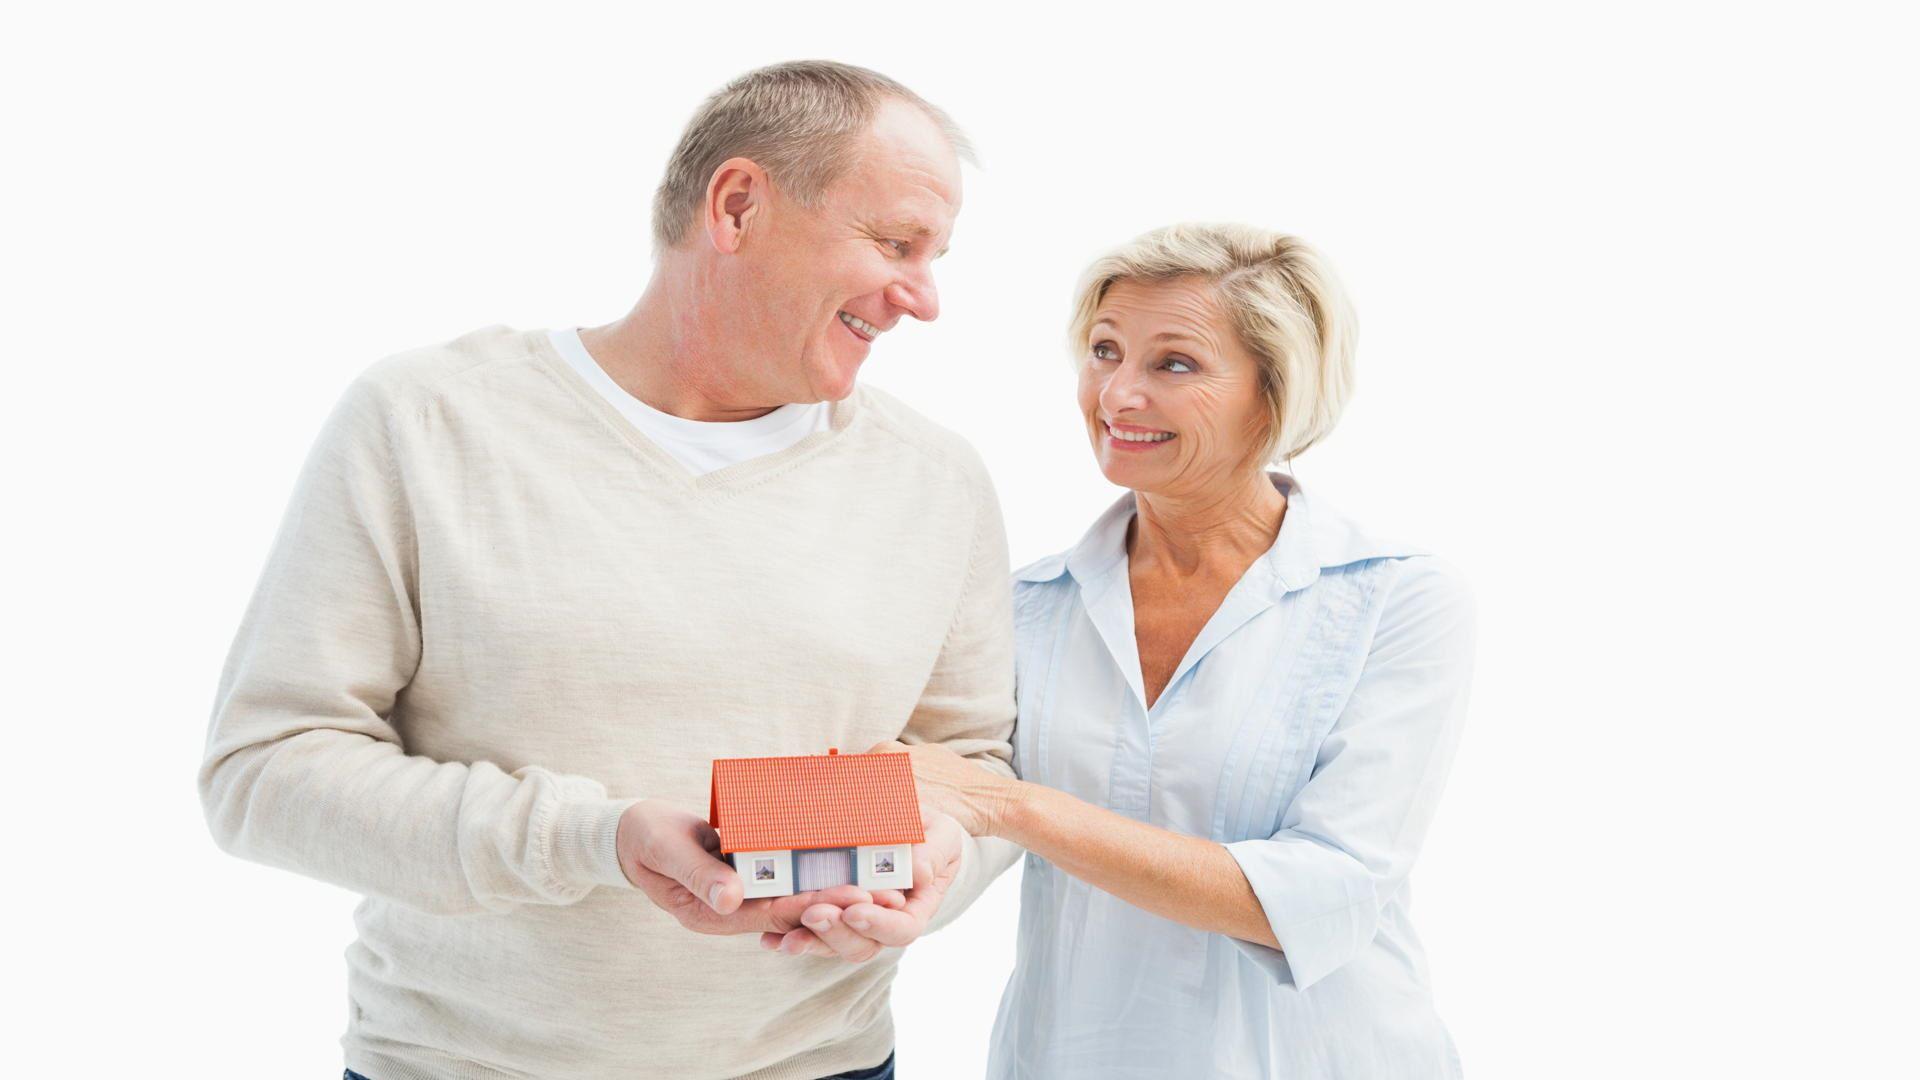 2 מבוגרים שמחים לאחר שלקחו משכנתא לגיל הזהב